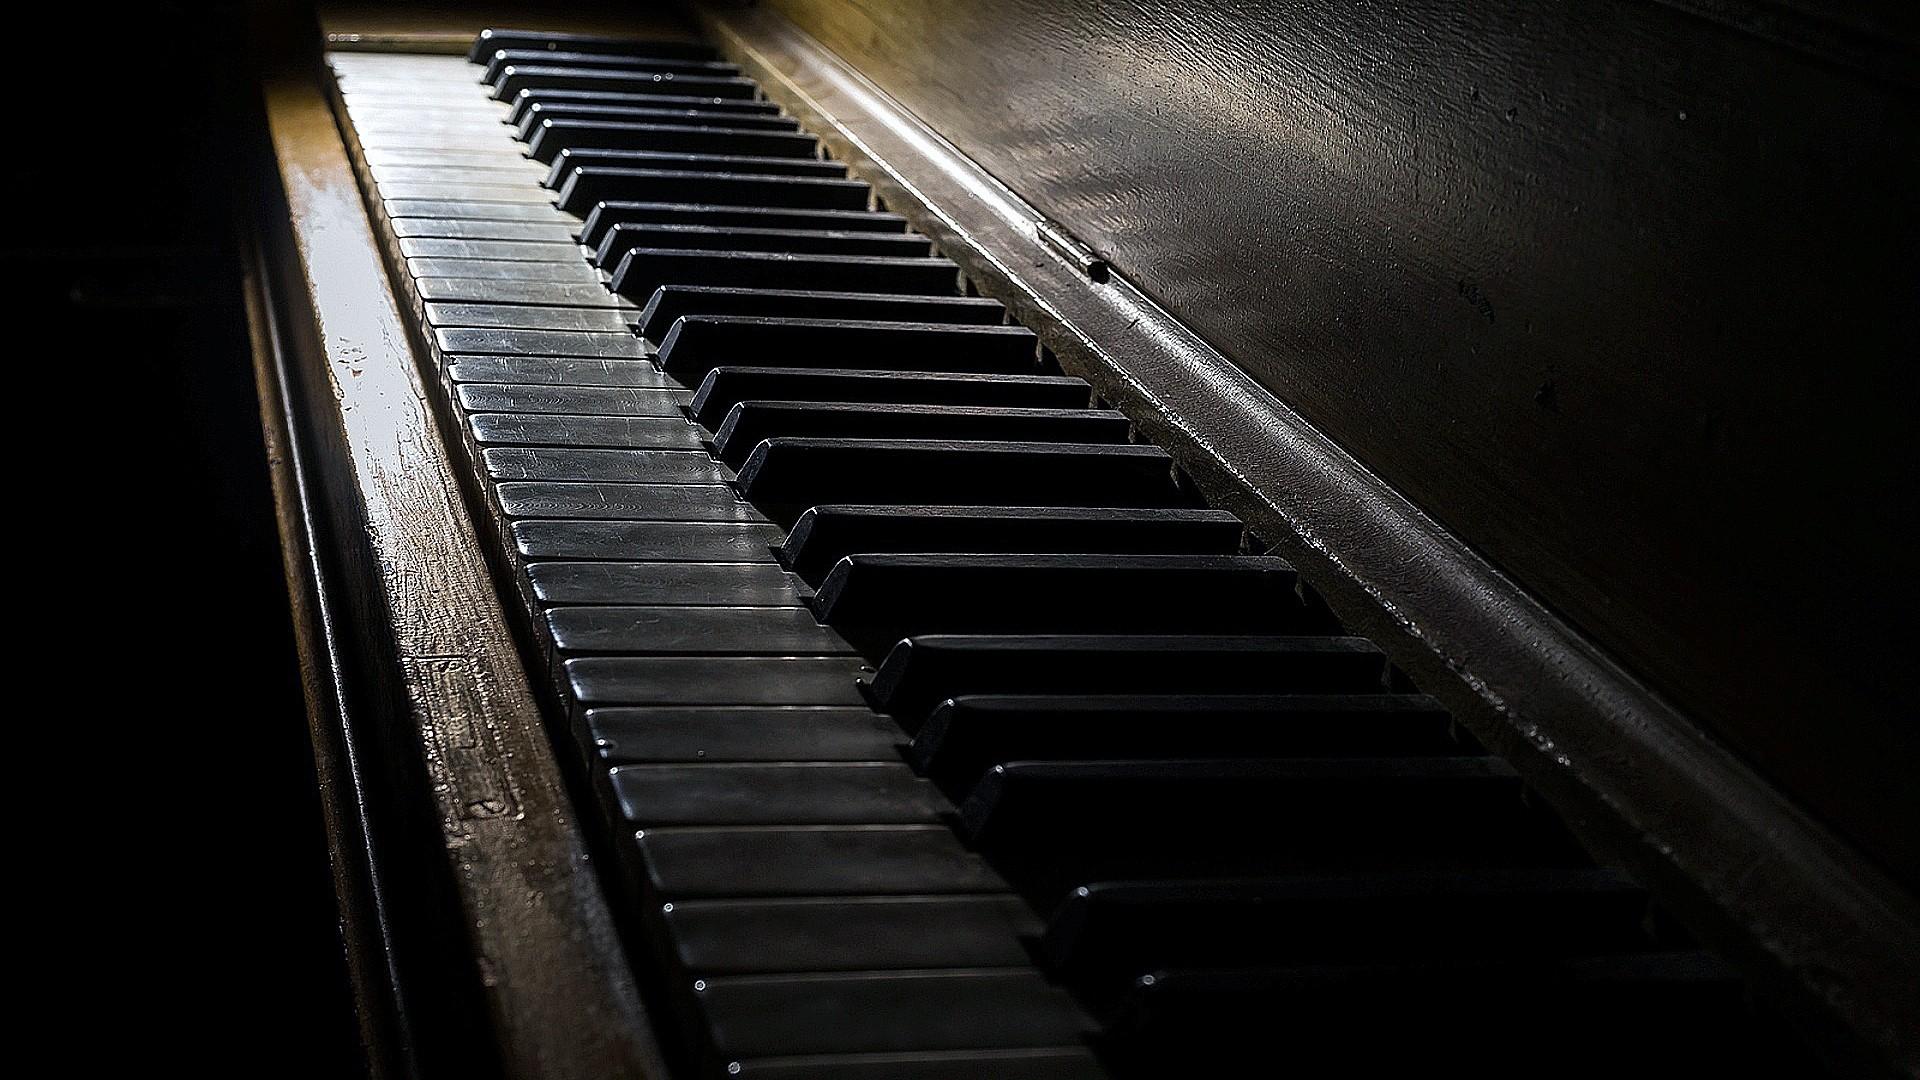 Piano PC Wallpaper